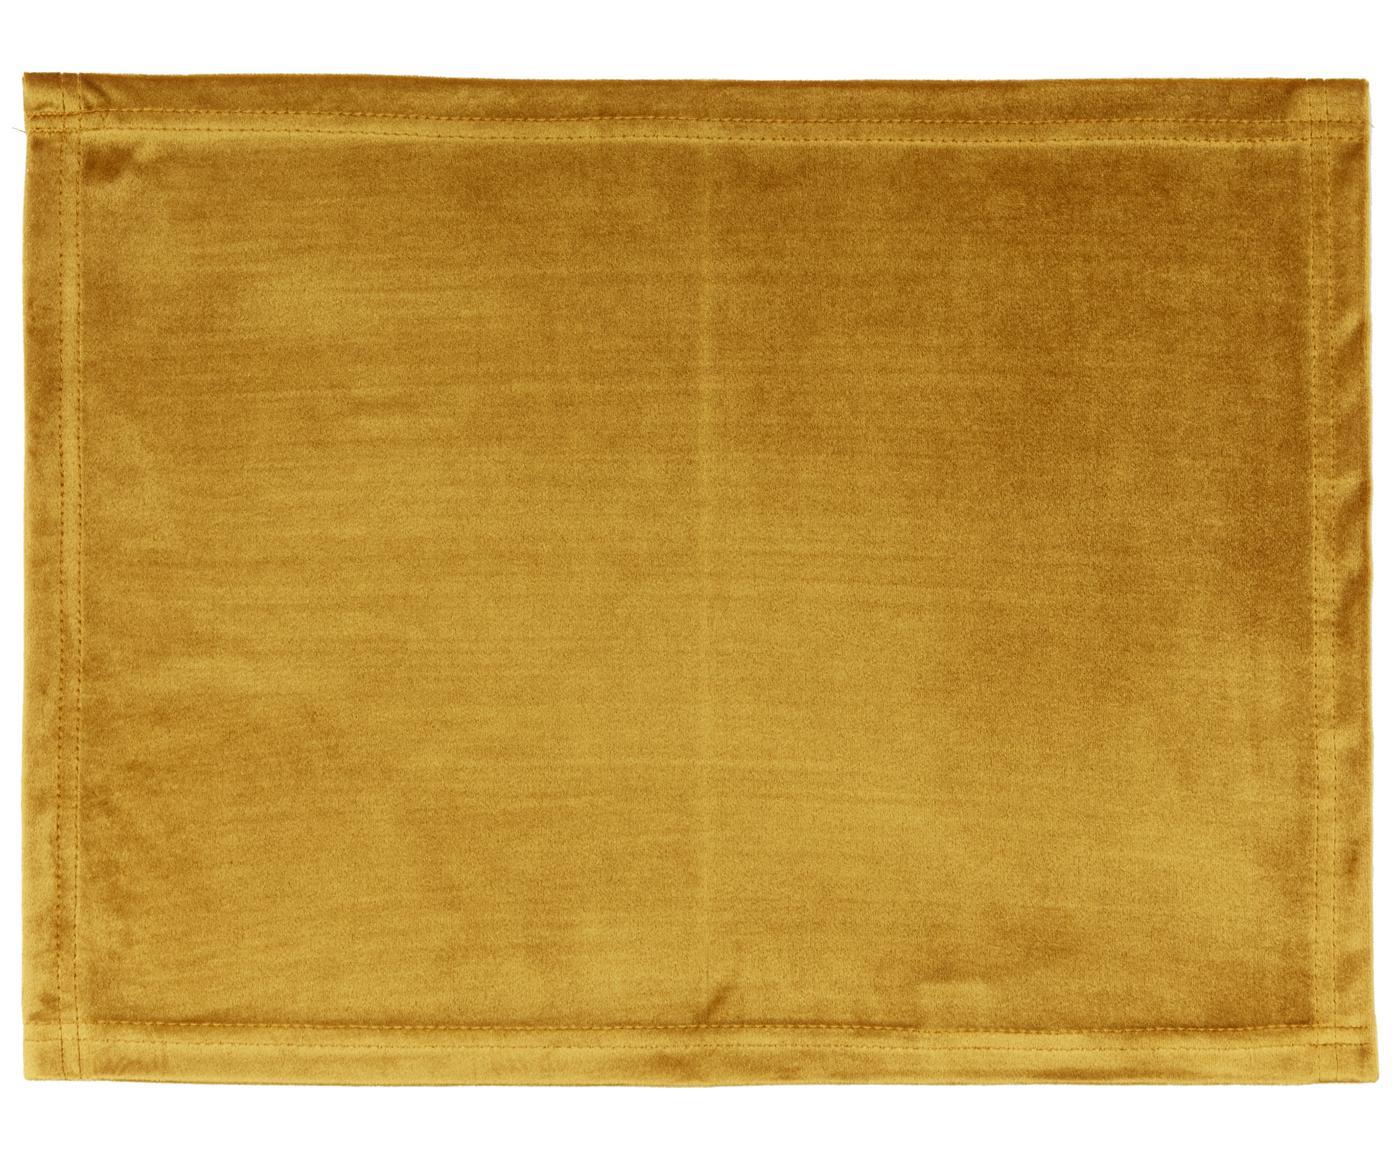 Samt-Tischsets Simone, 2 Stück, Polyestersamt, Senfgelb, 35 x 45 cm